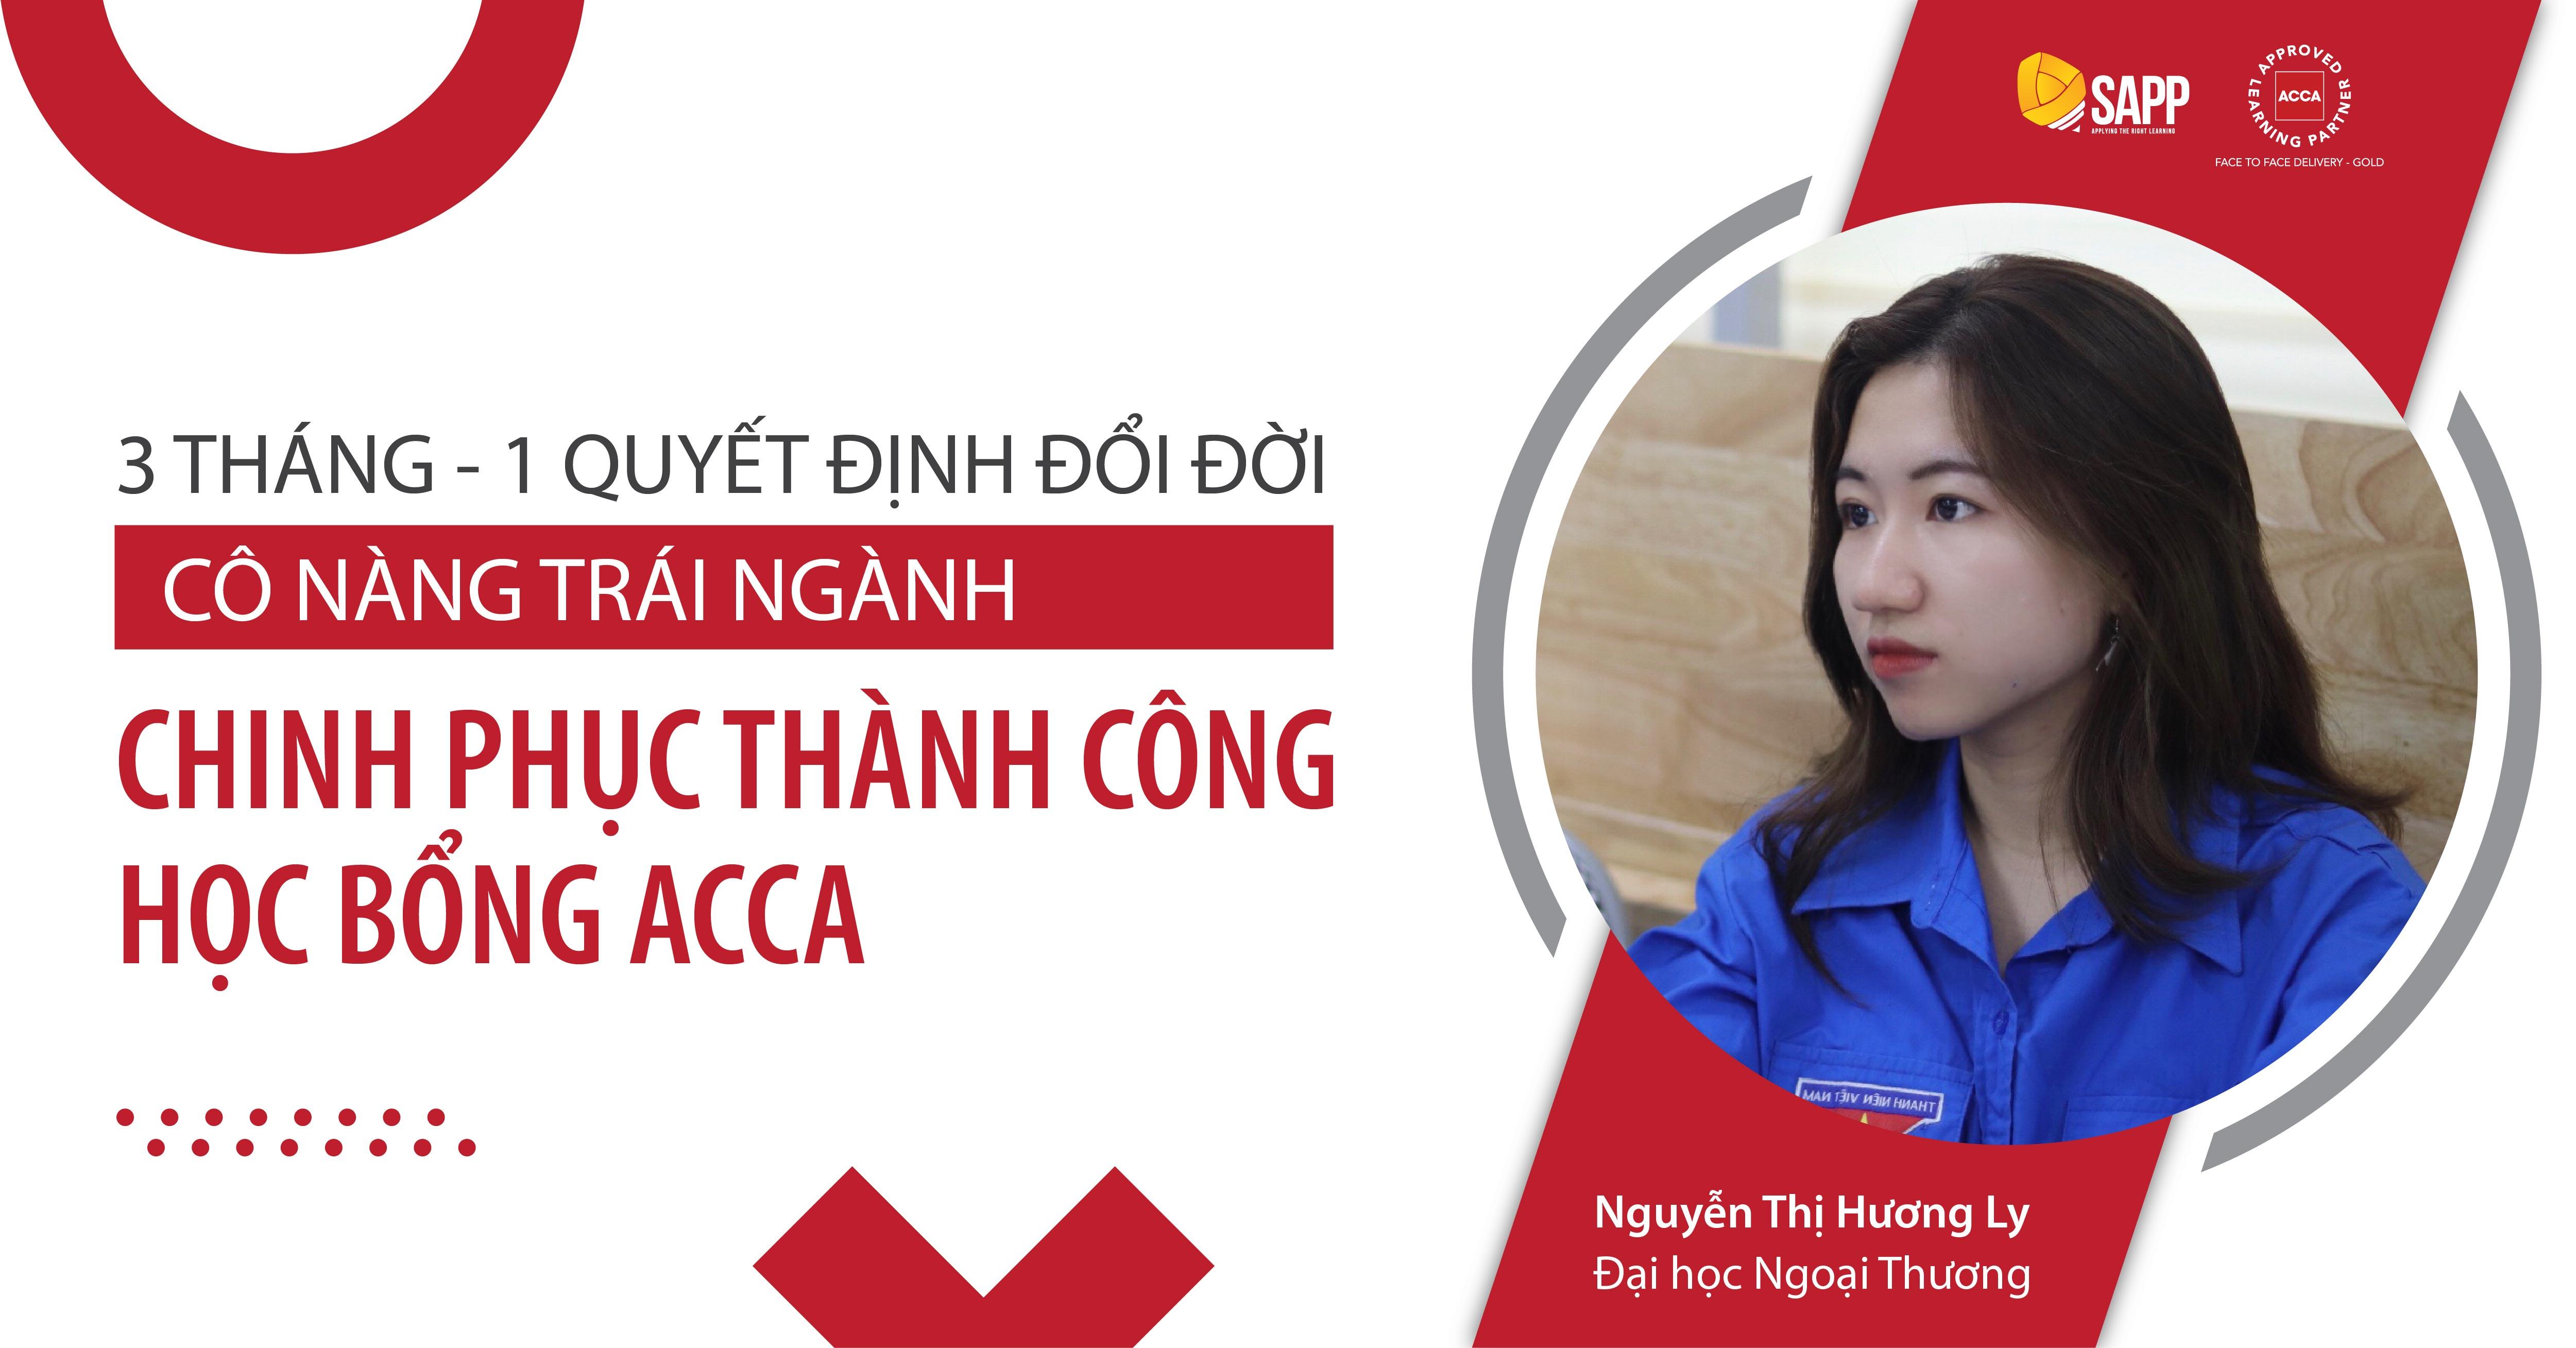 3 tháng - 1 quyết định đổi đời, cô nàng trái ngành chinh phục thành công học bổng ACCA 100%